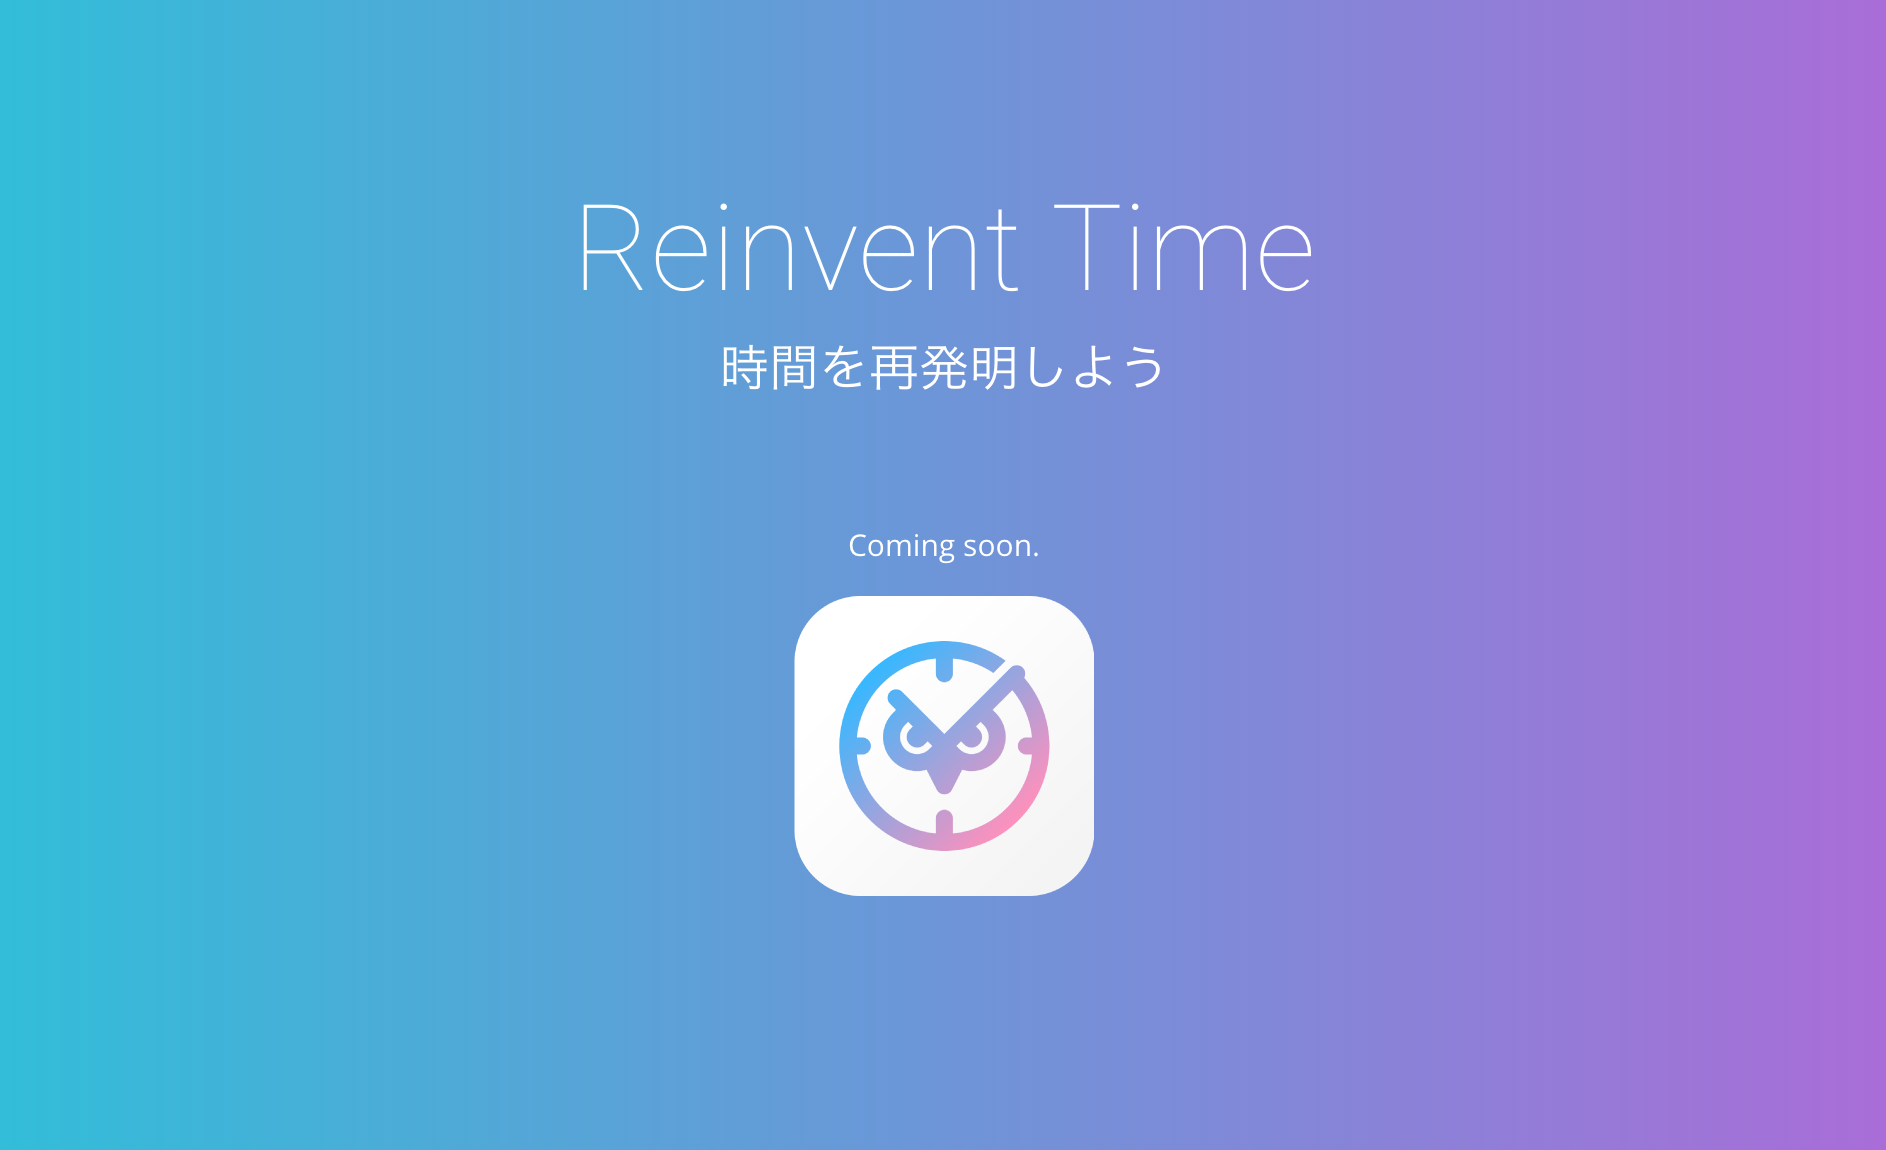 メタップス、時間を再発明する新サービス「TimeBank」のティザーサイト公開